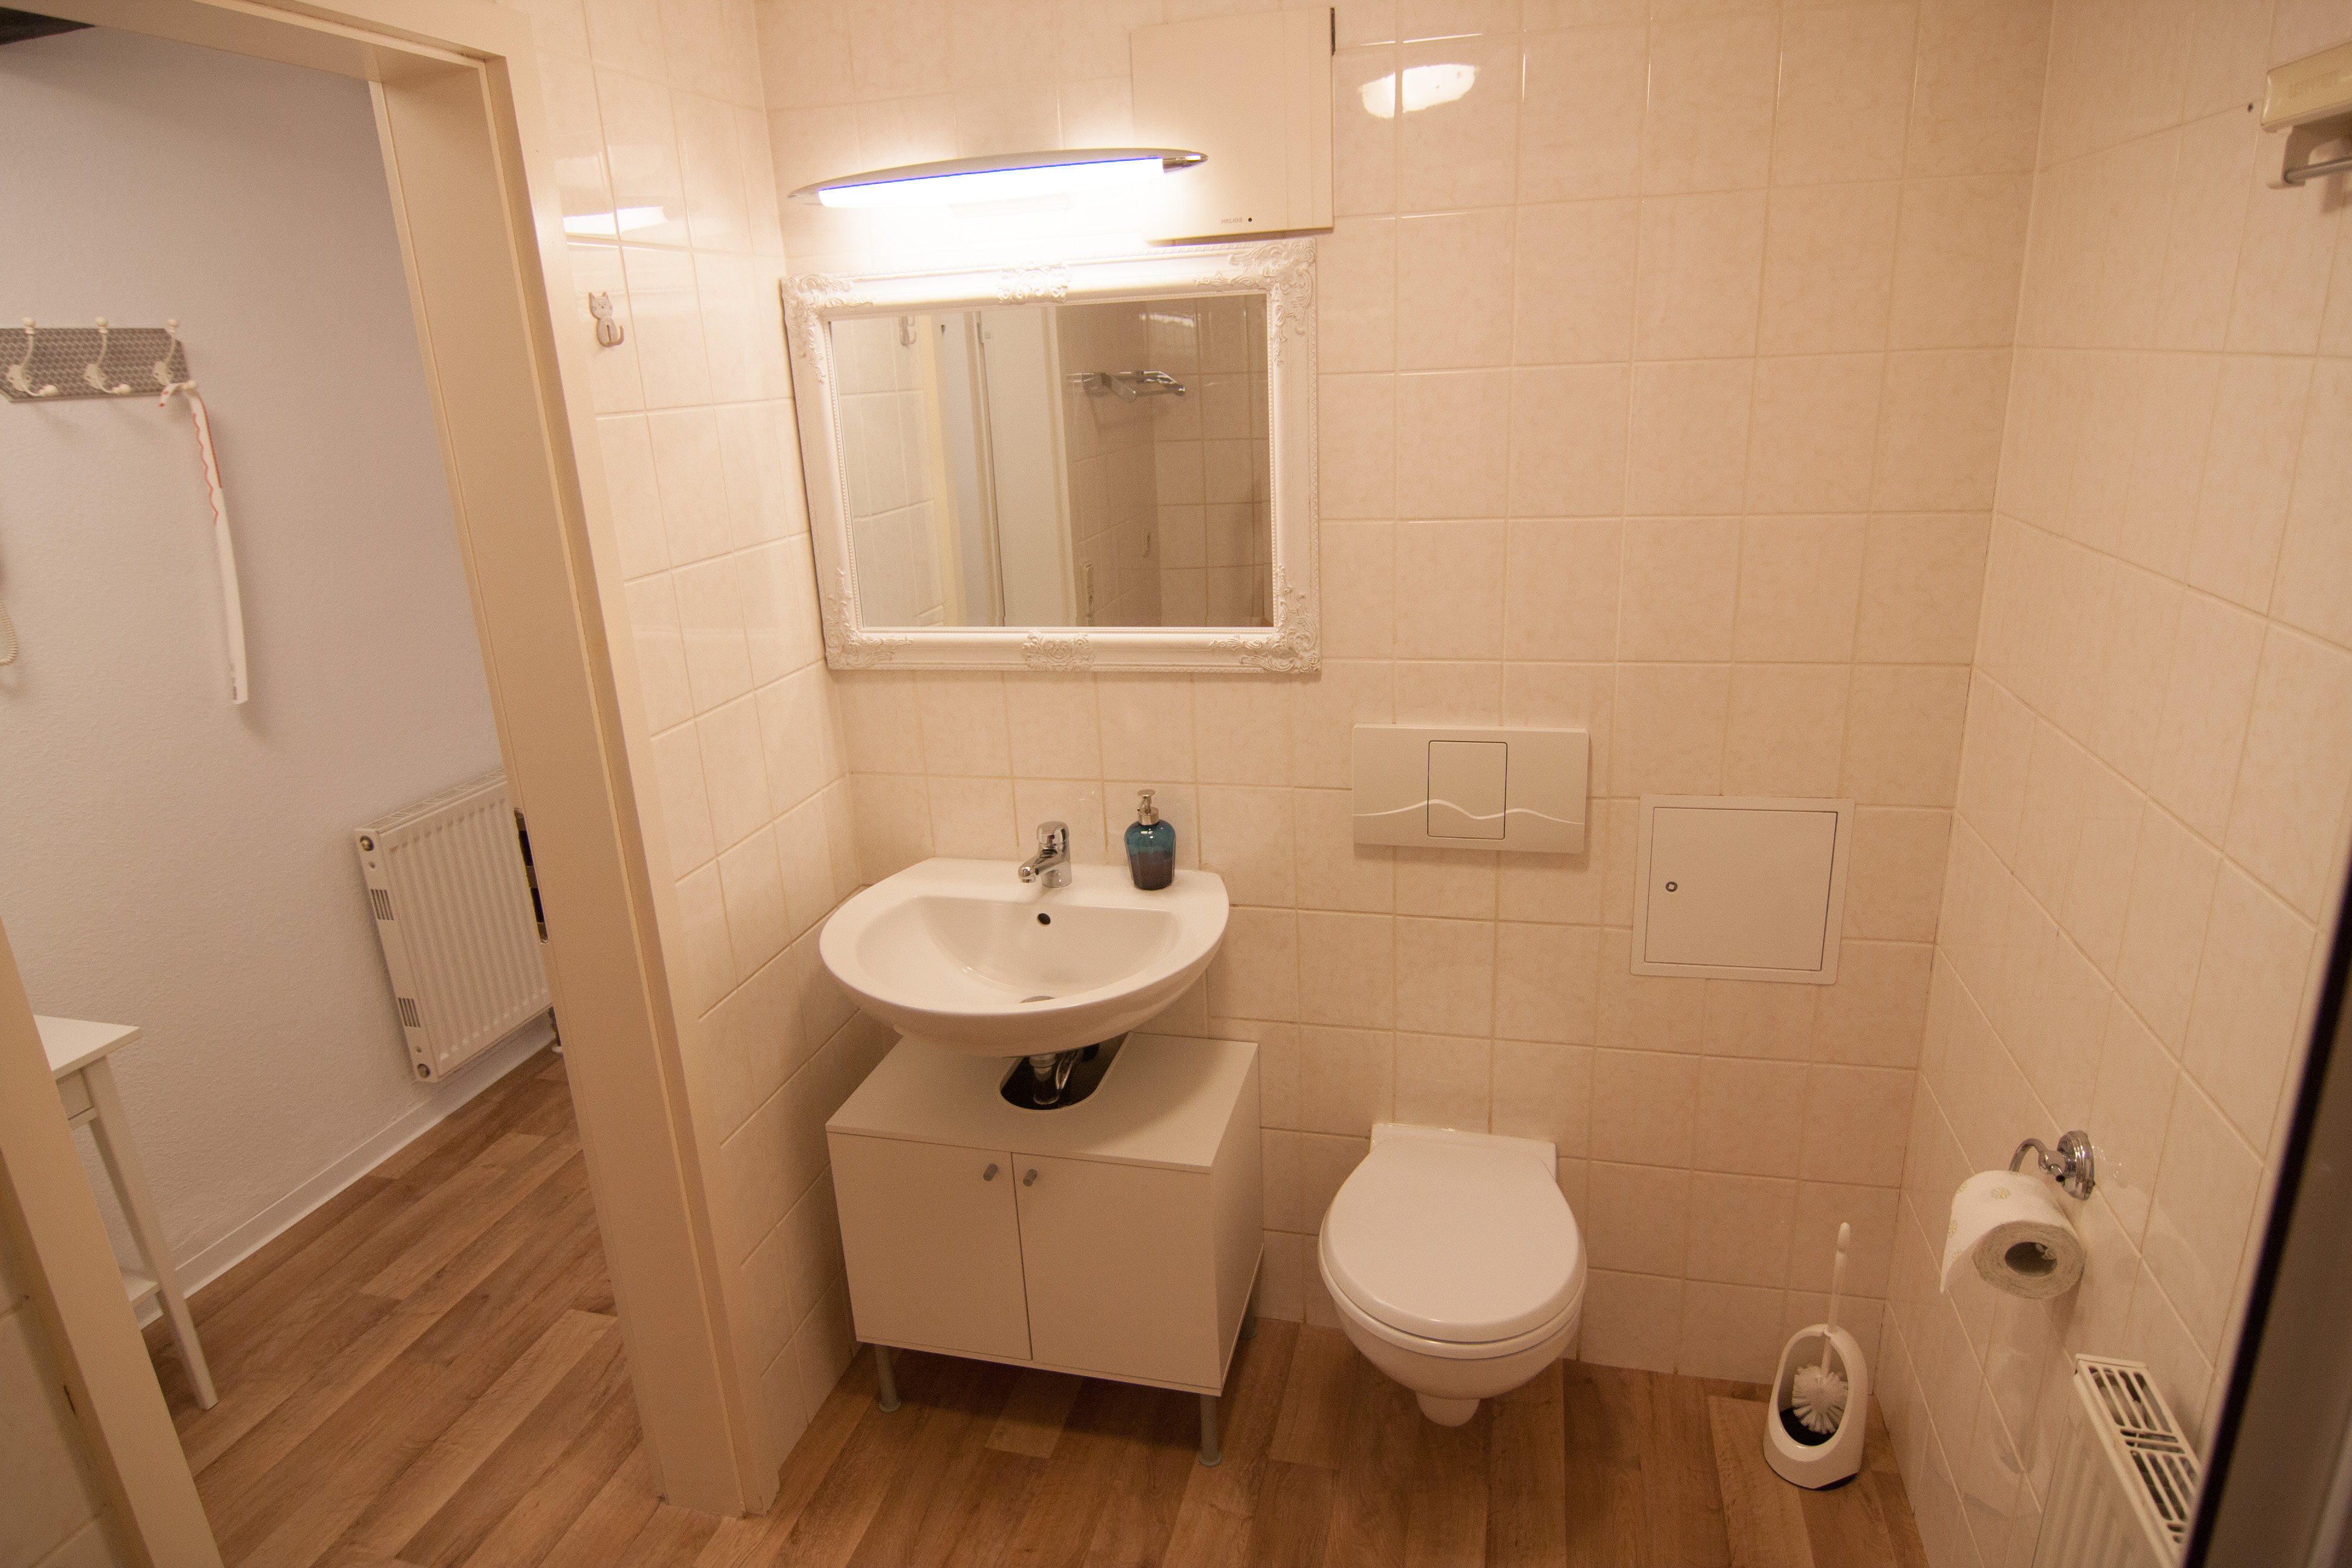 Bad mit Toilette und Waschbecken